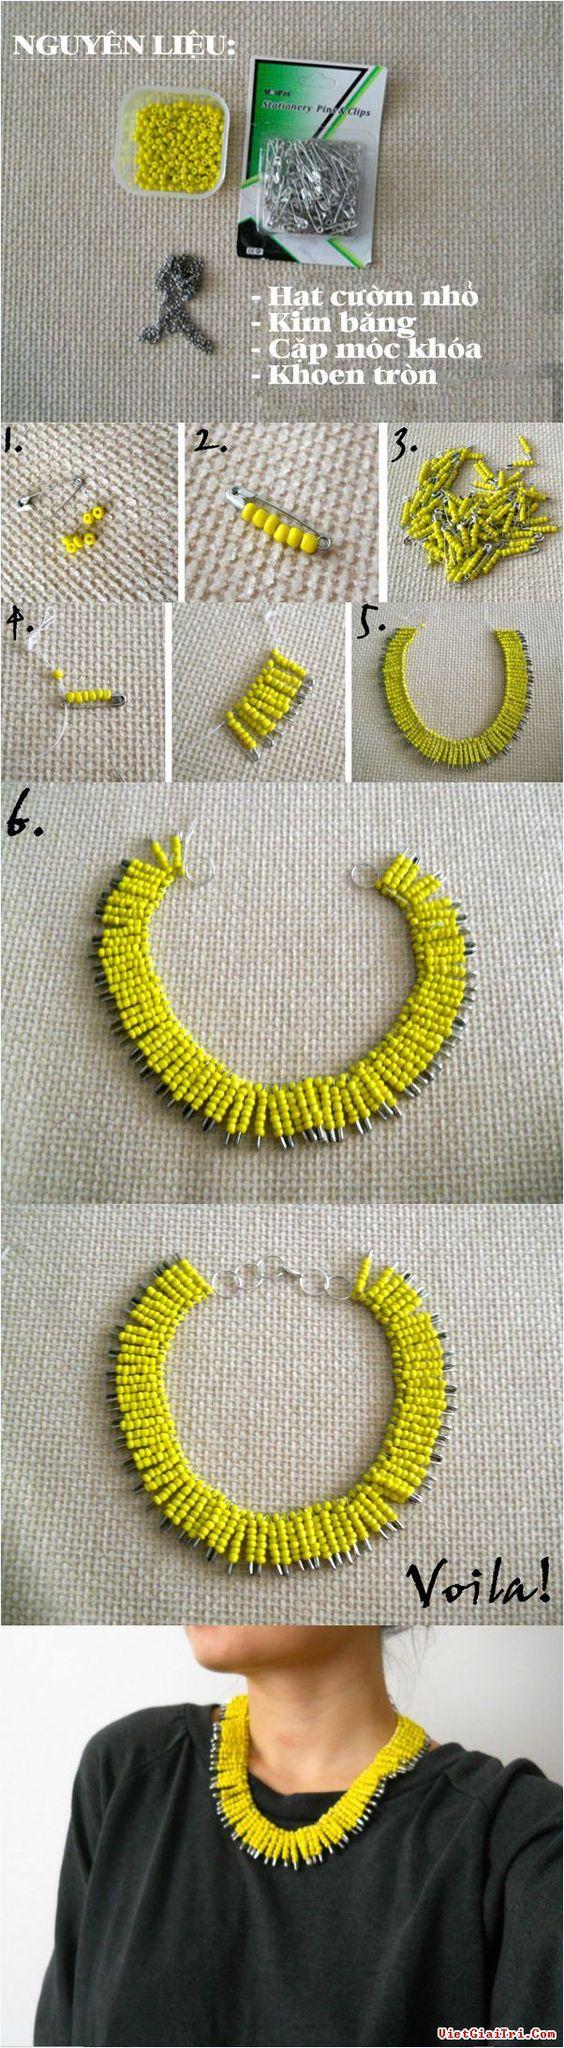 diy tutorial de colares missangas